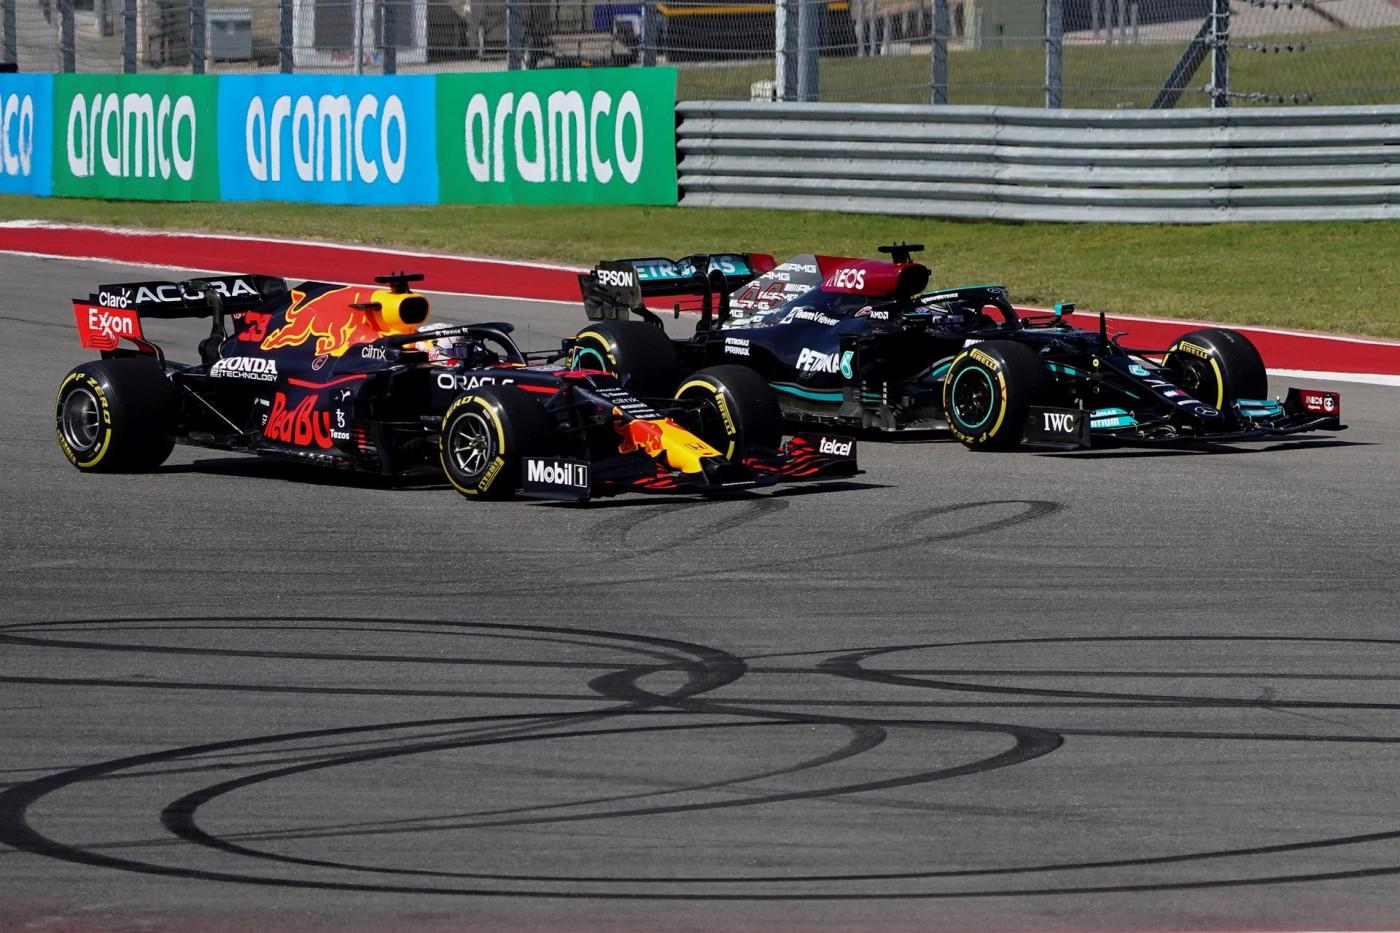 Verstappen briga por posição com Hamilton no GP dos EUA de Fórmula 1